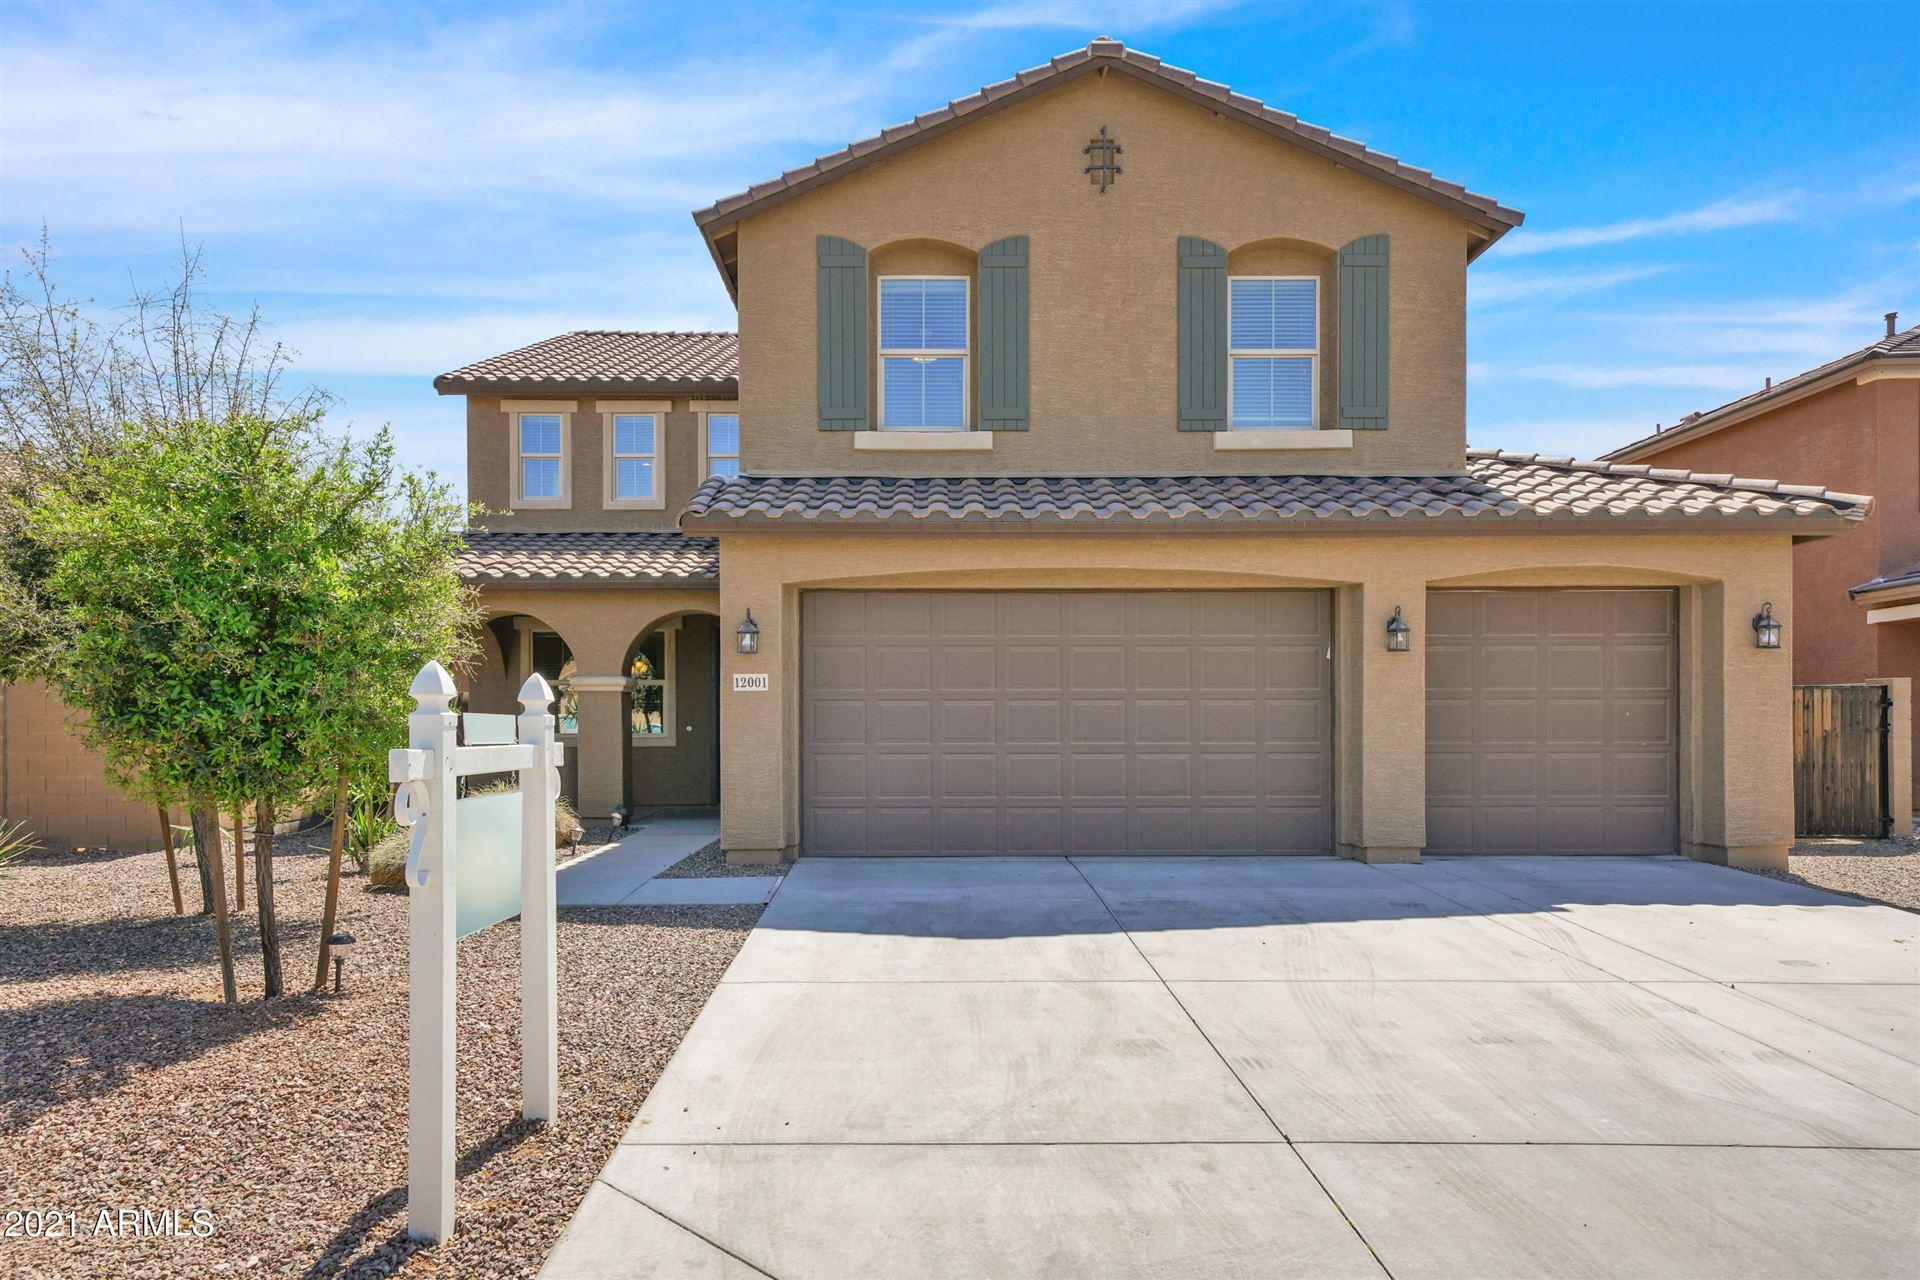 12001 W CHASE Lane, Avondale, AZ 85323 - MLS#: 6219705